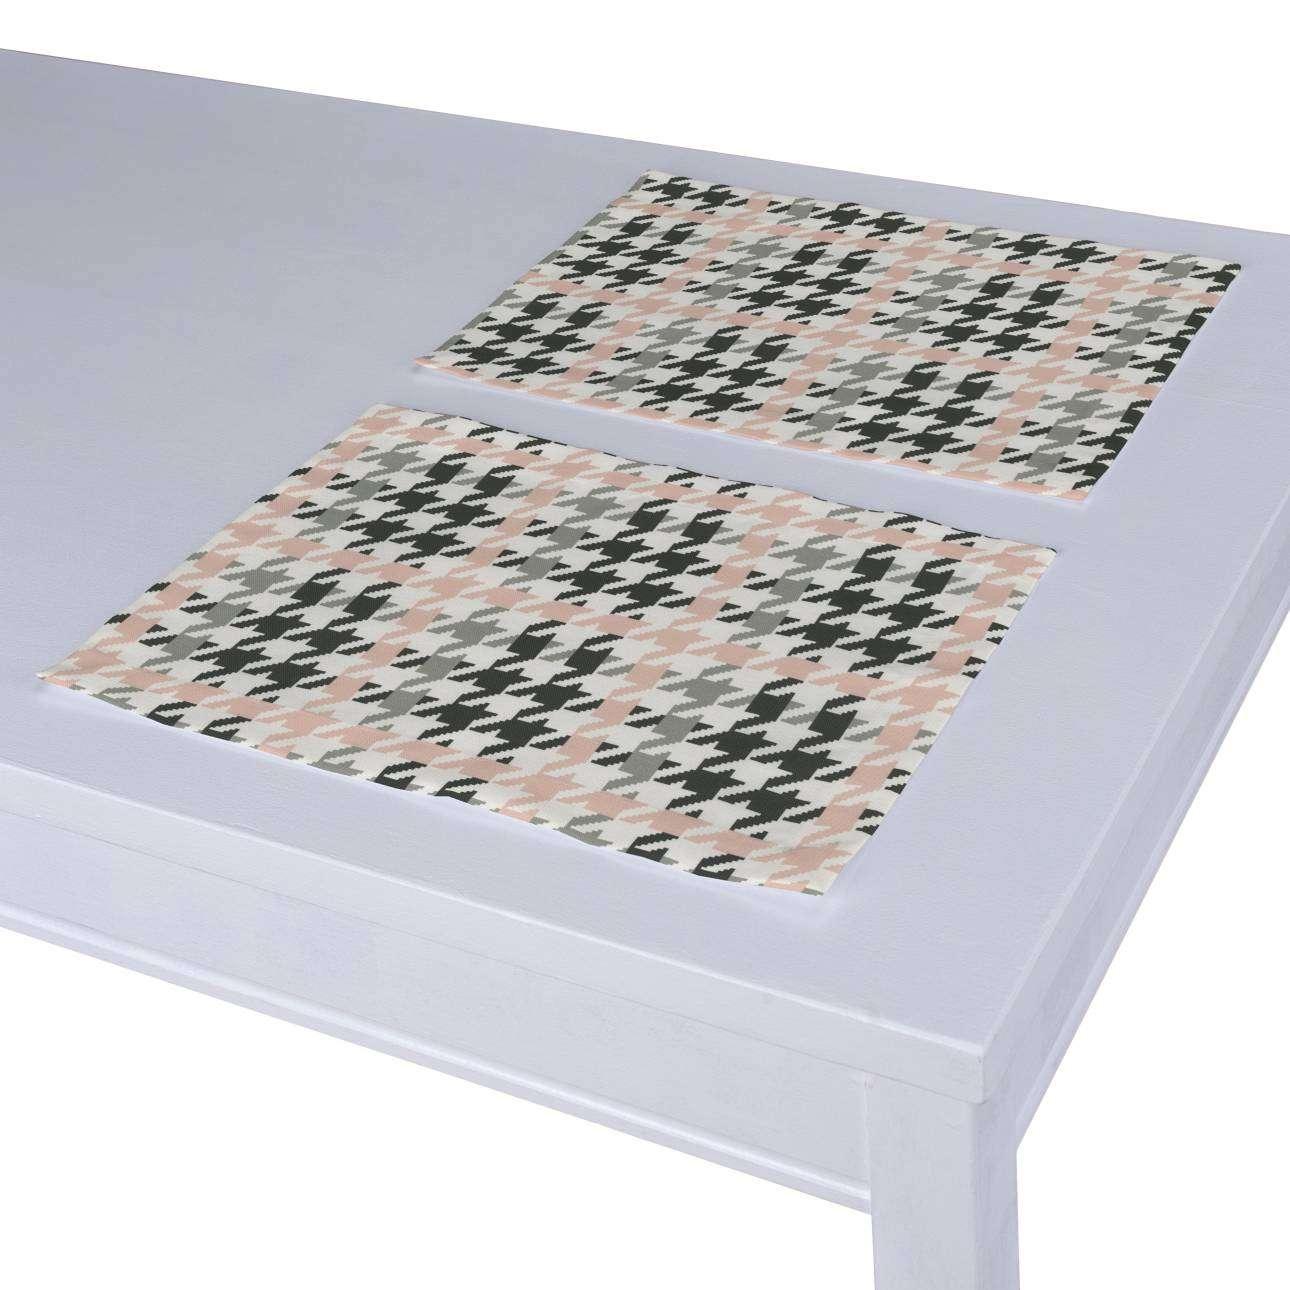 Stalo servetėlės/stalo padėkliukai – 2 vnt. 30 x 40 cm kolekcijoje Brooklyn, audinys: 137-75